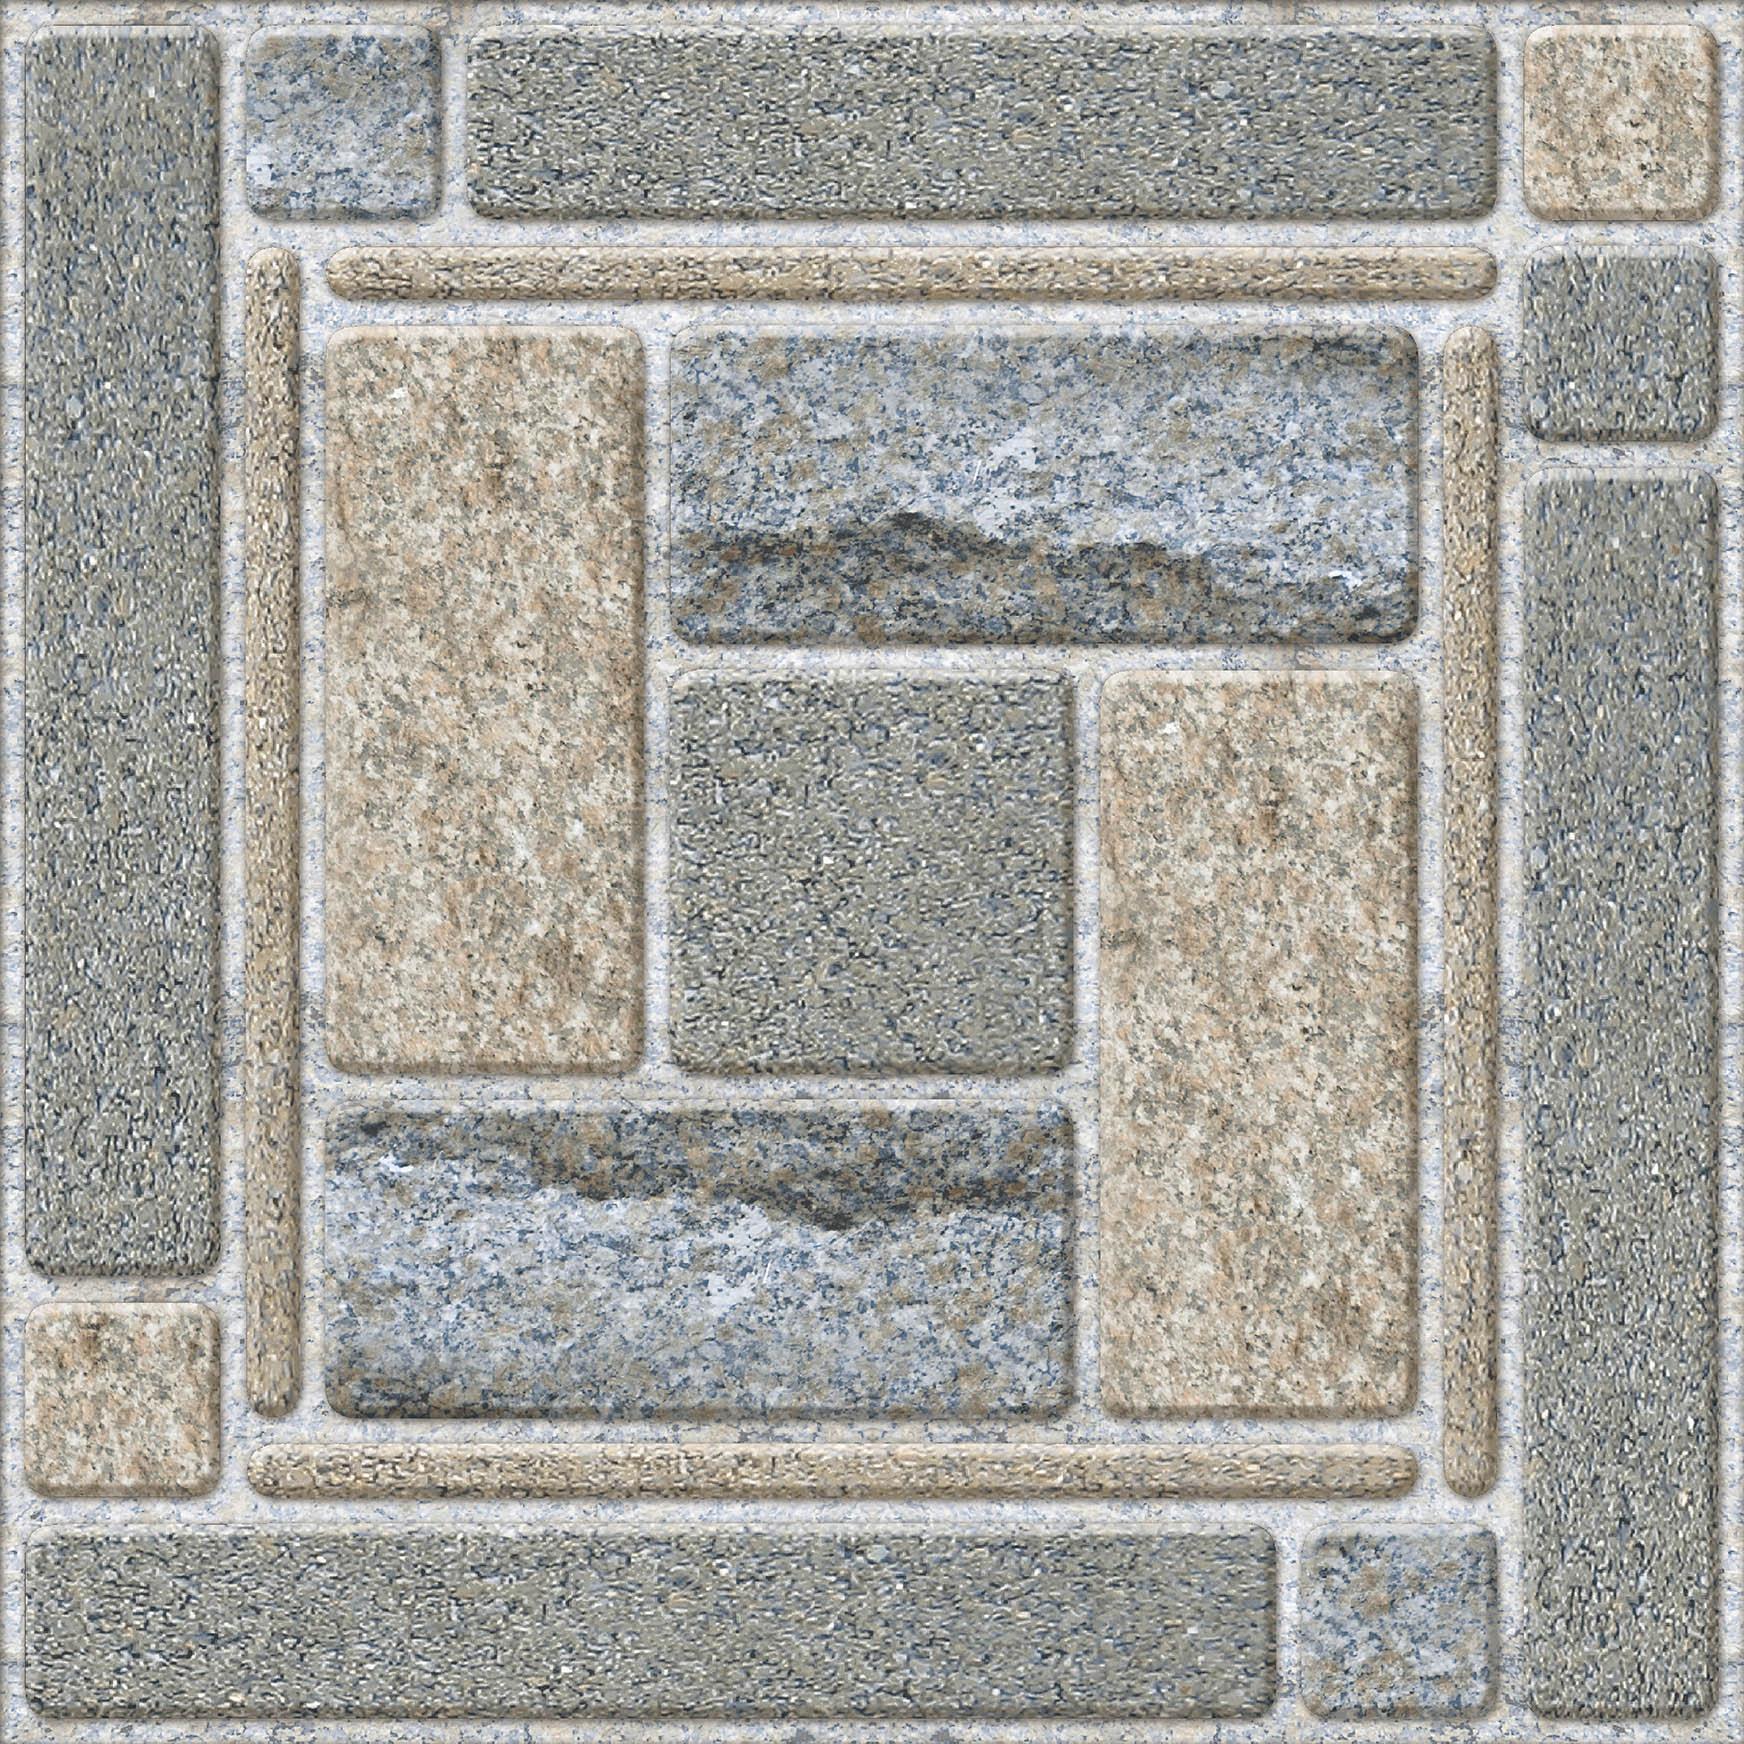 Bricks 1009